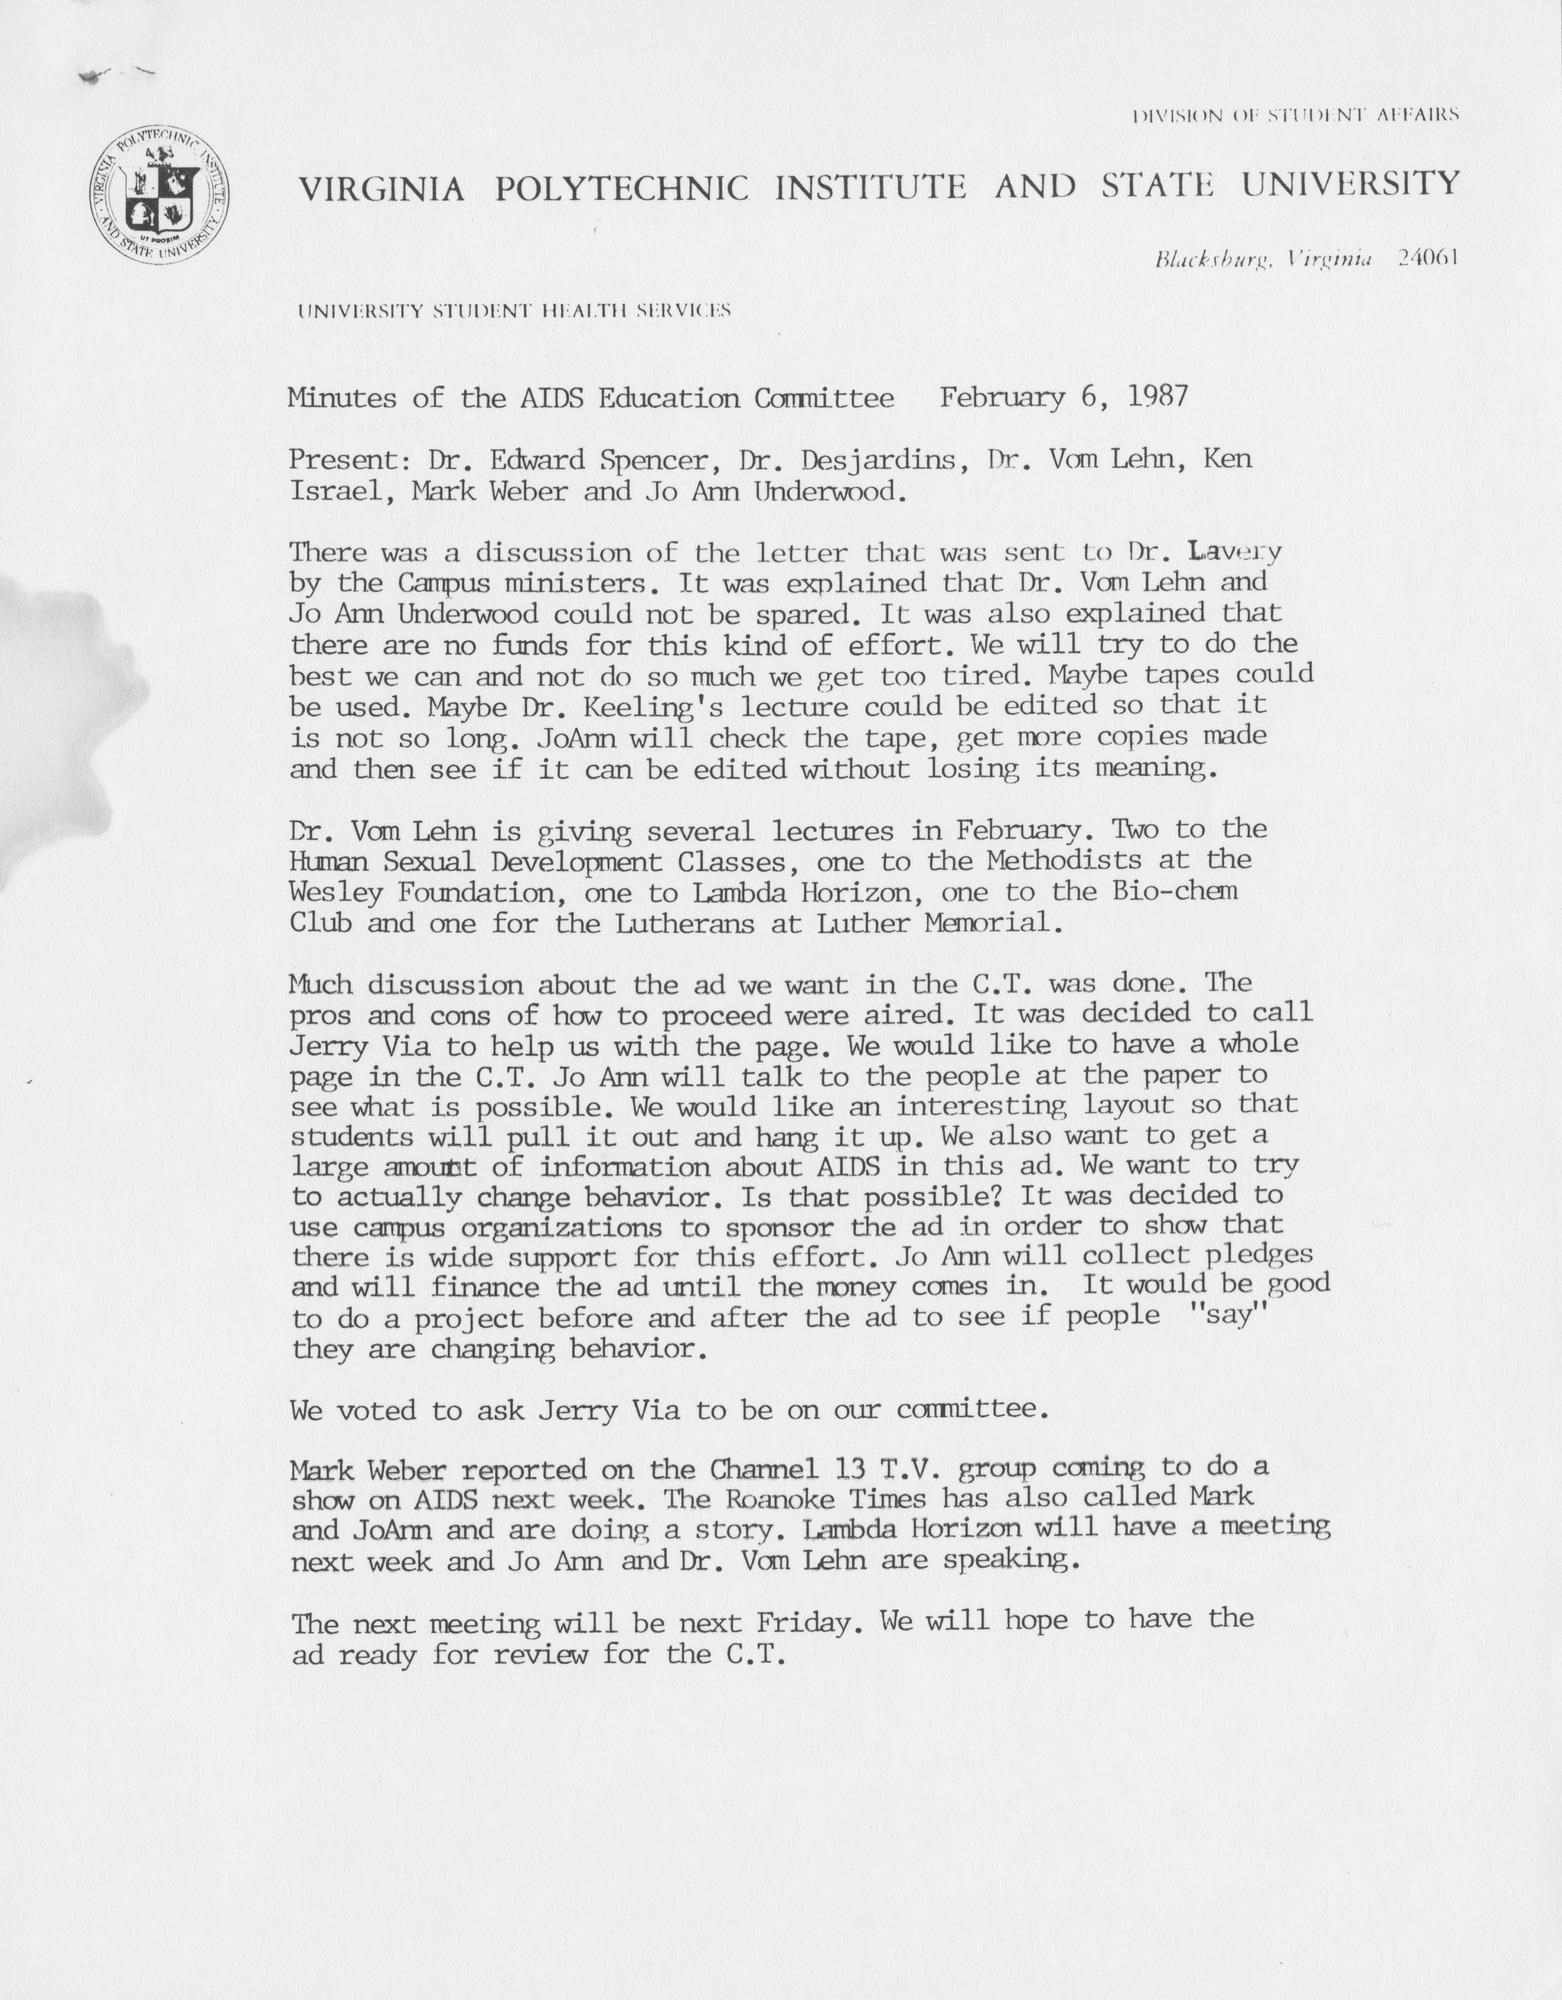 Ms2014-010_WeberMark_MinutesAIDSEducation_1987_0206.jpg